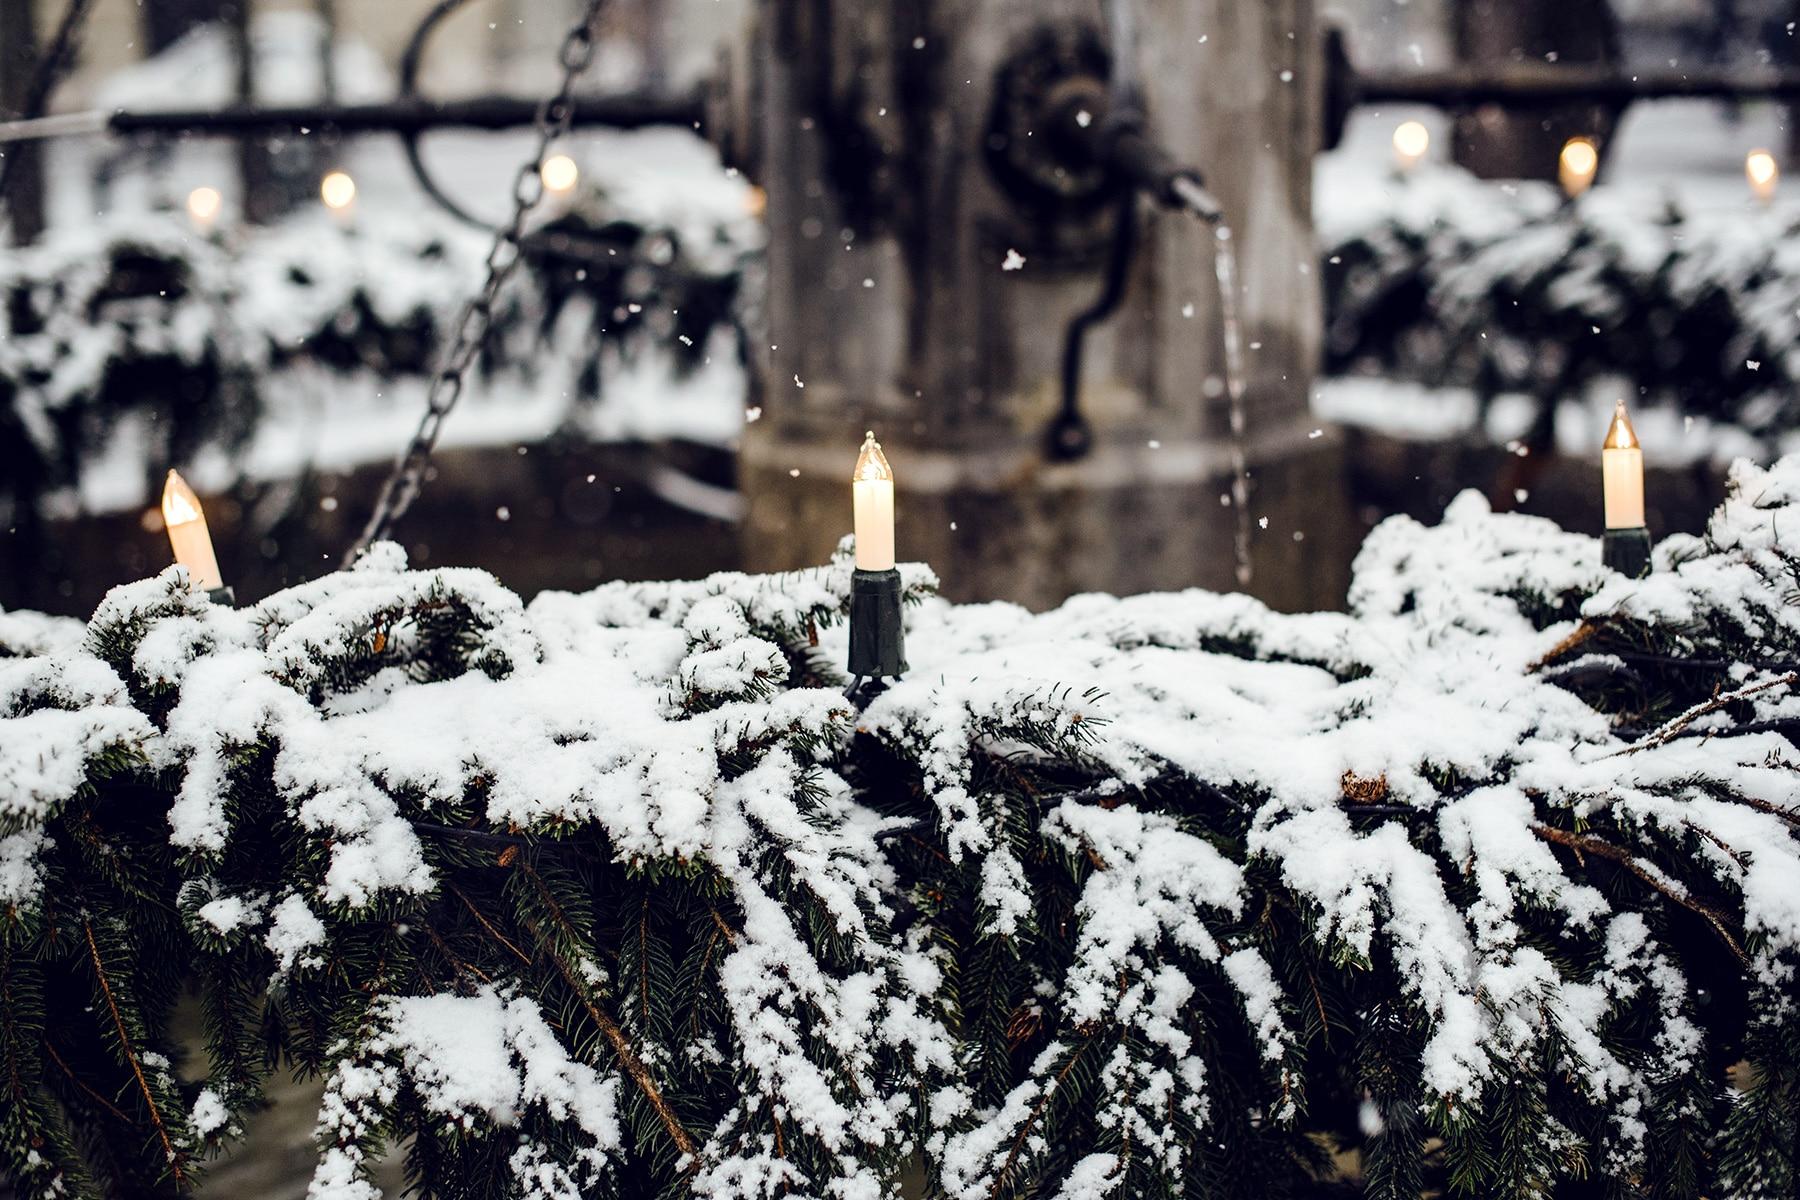 Fontaine décorée de branches de sapin et de bougies, saupoudrée de neige fraîche